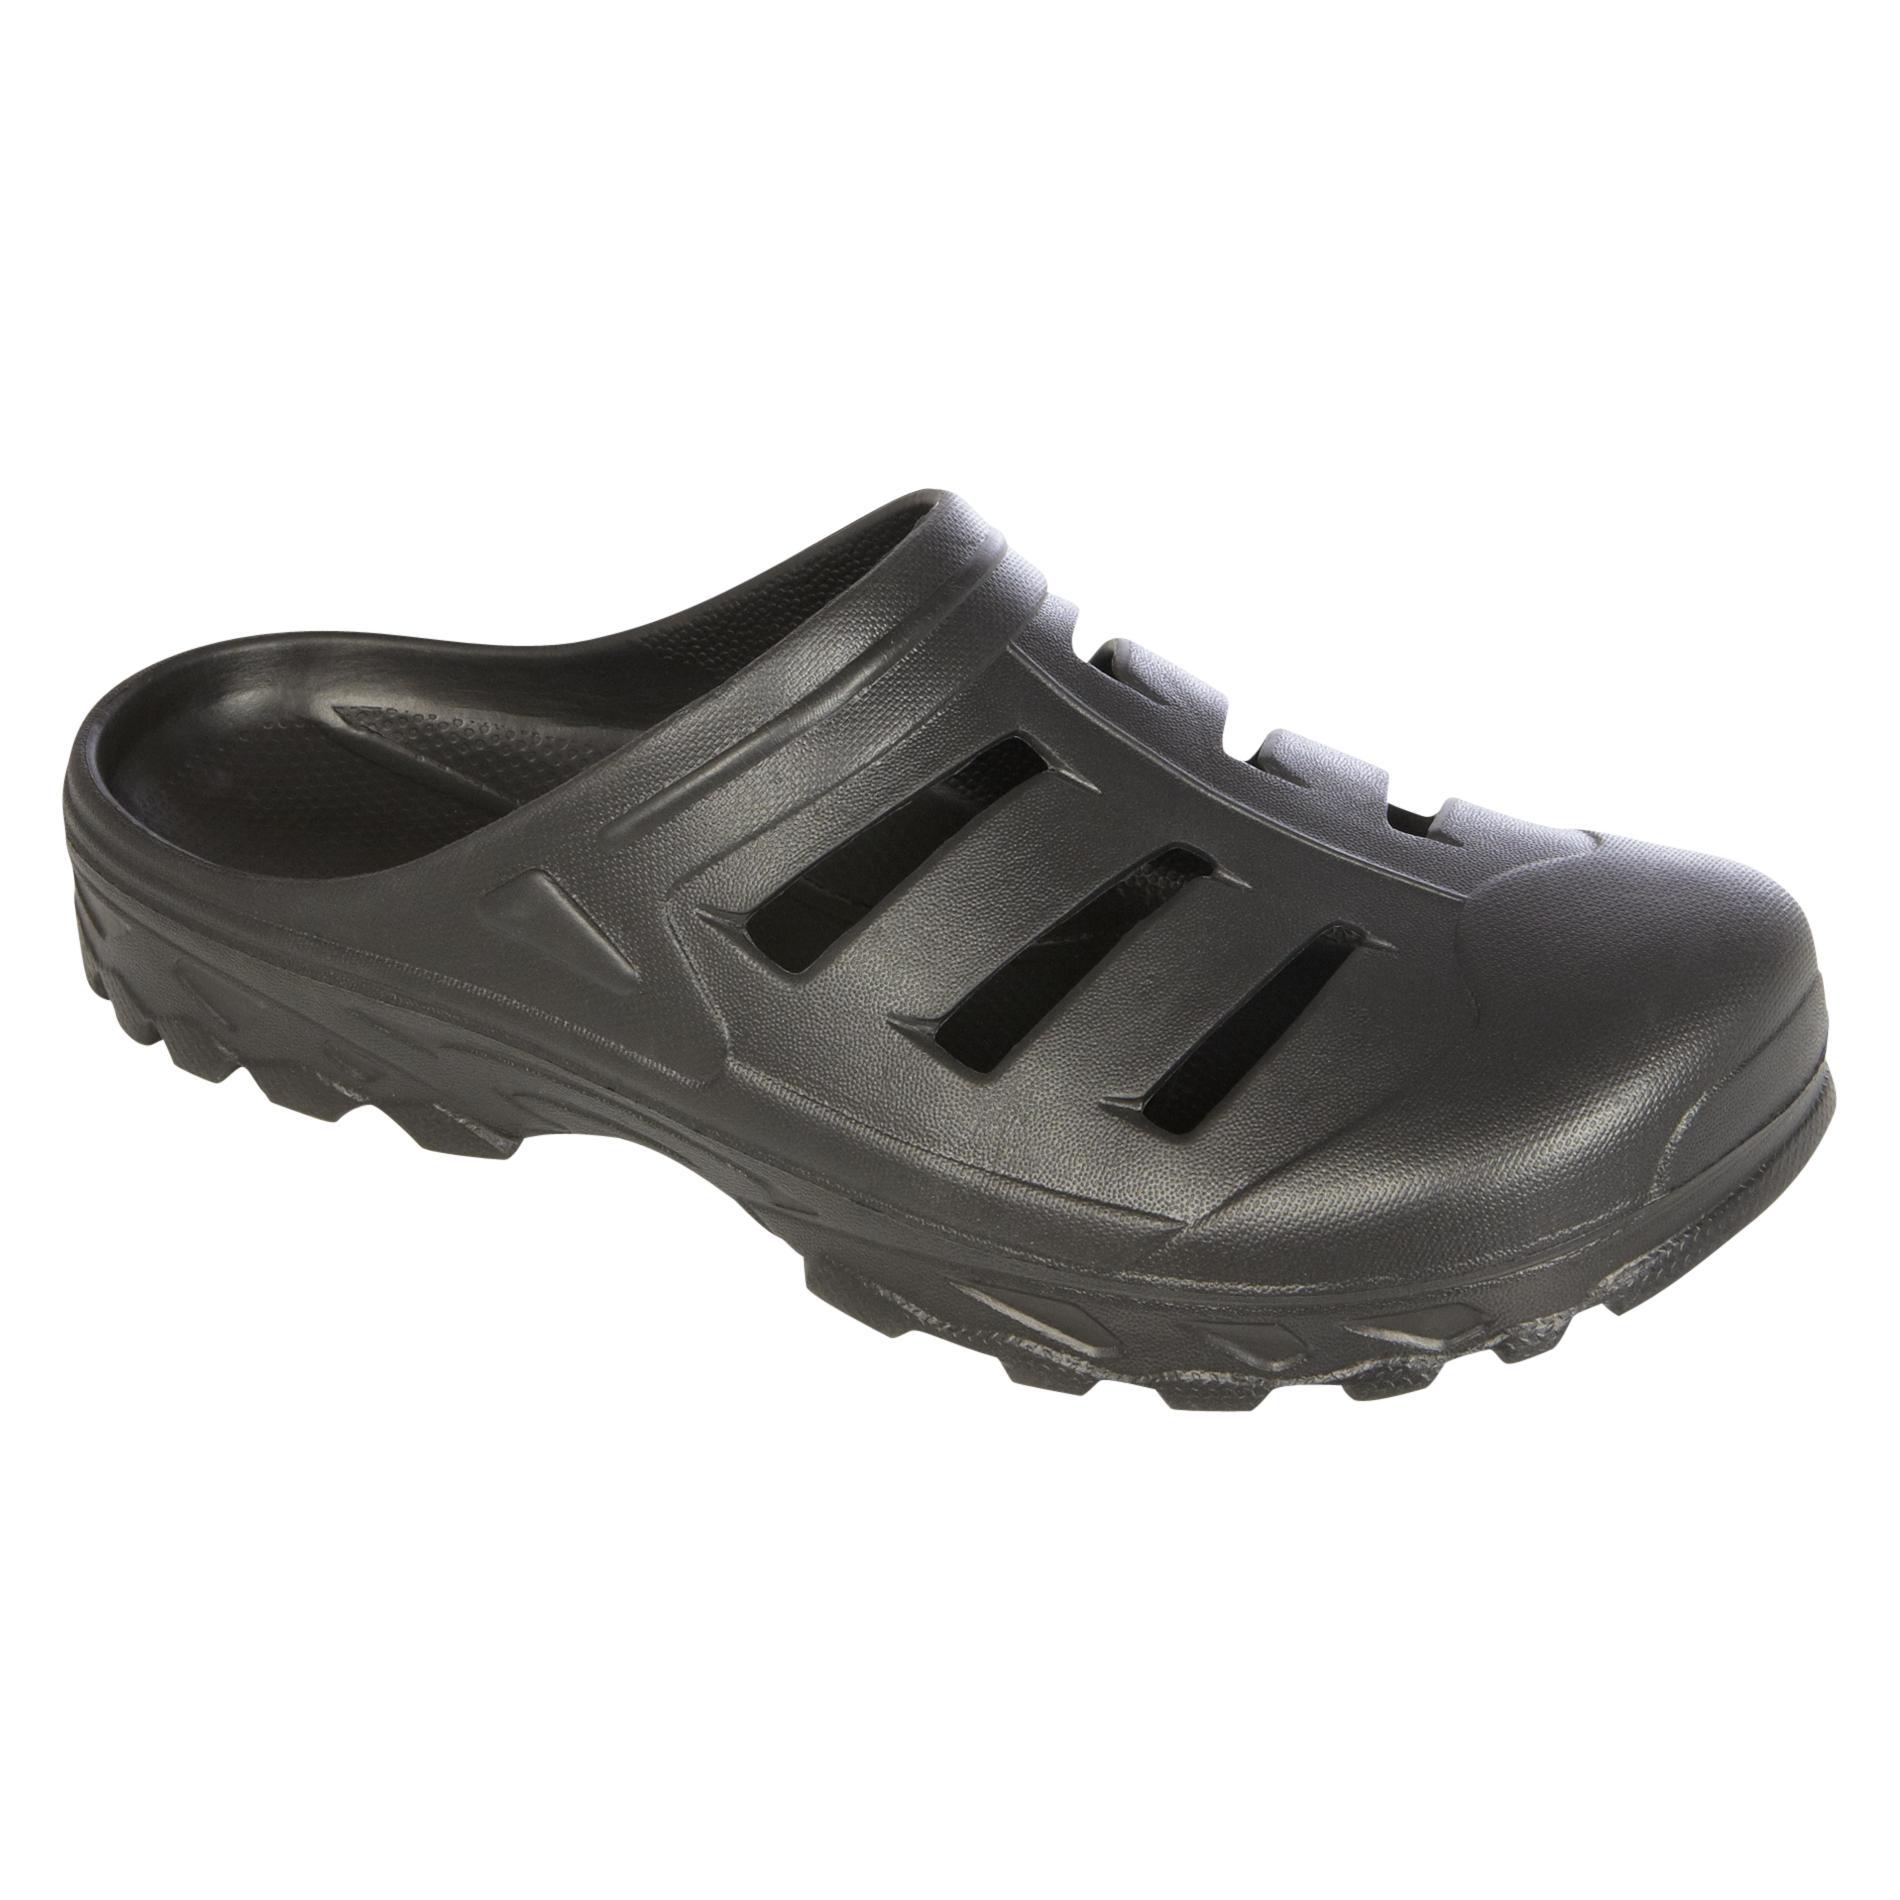 Athletech Men's Sandal Maker 2 - Black